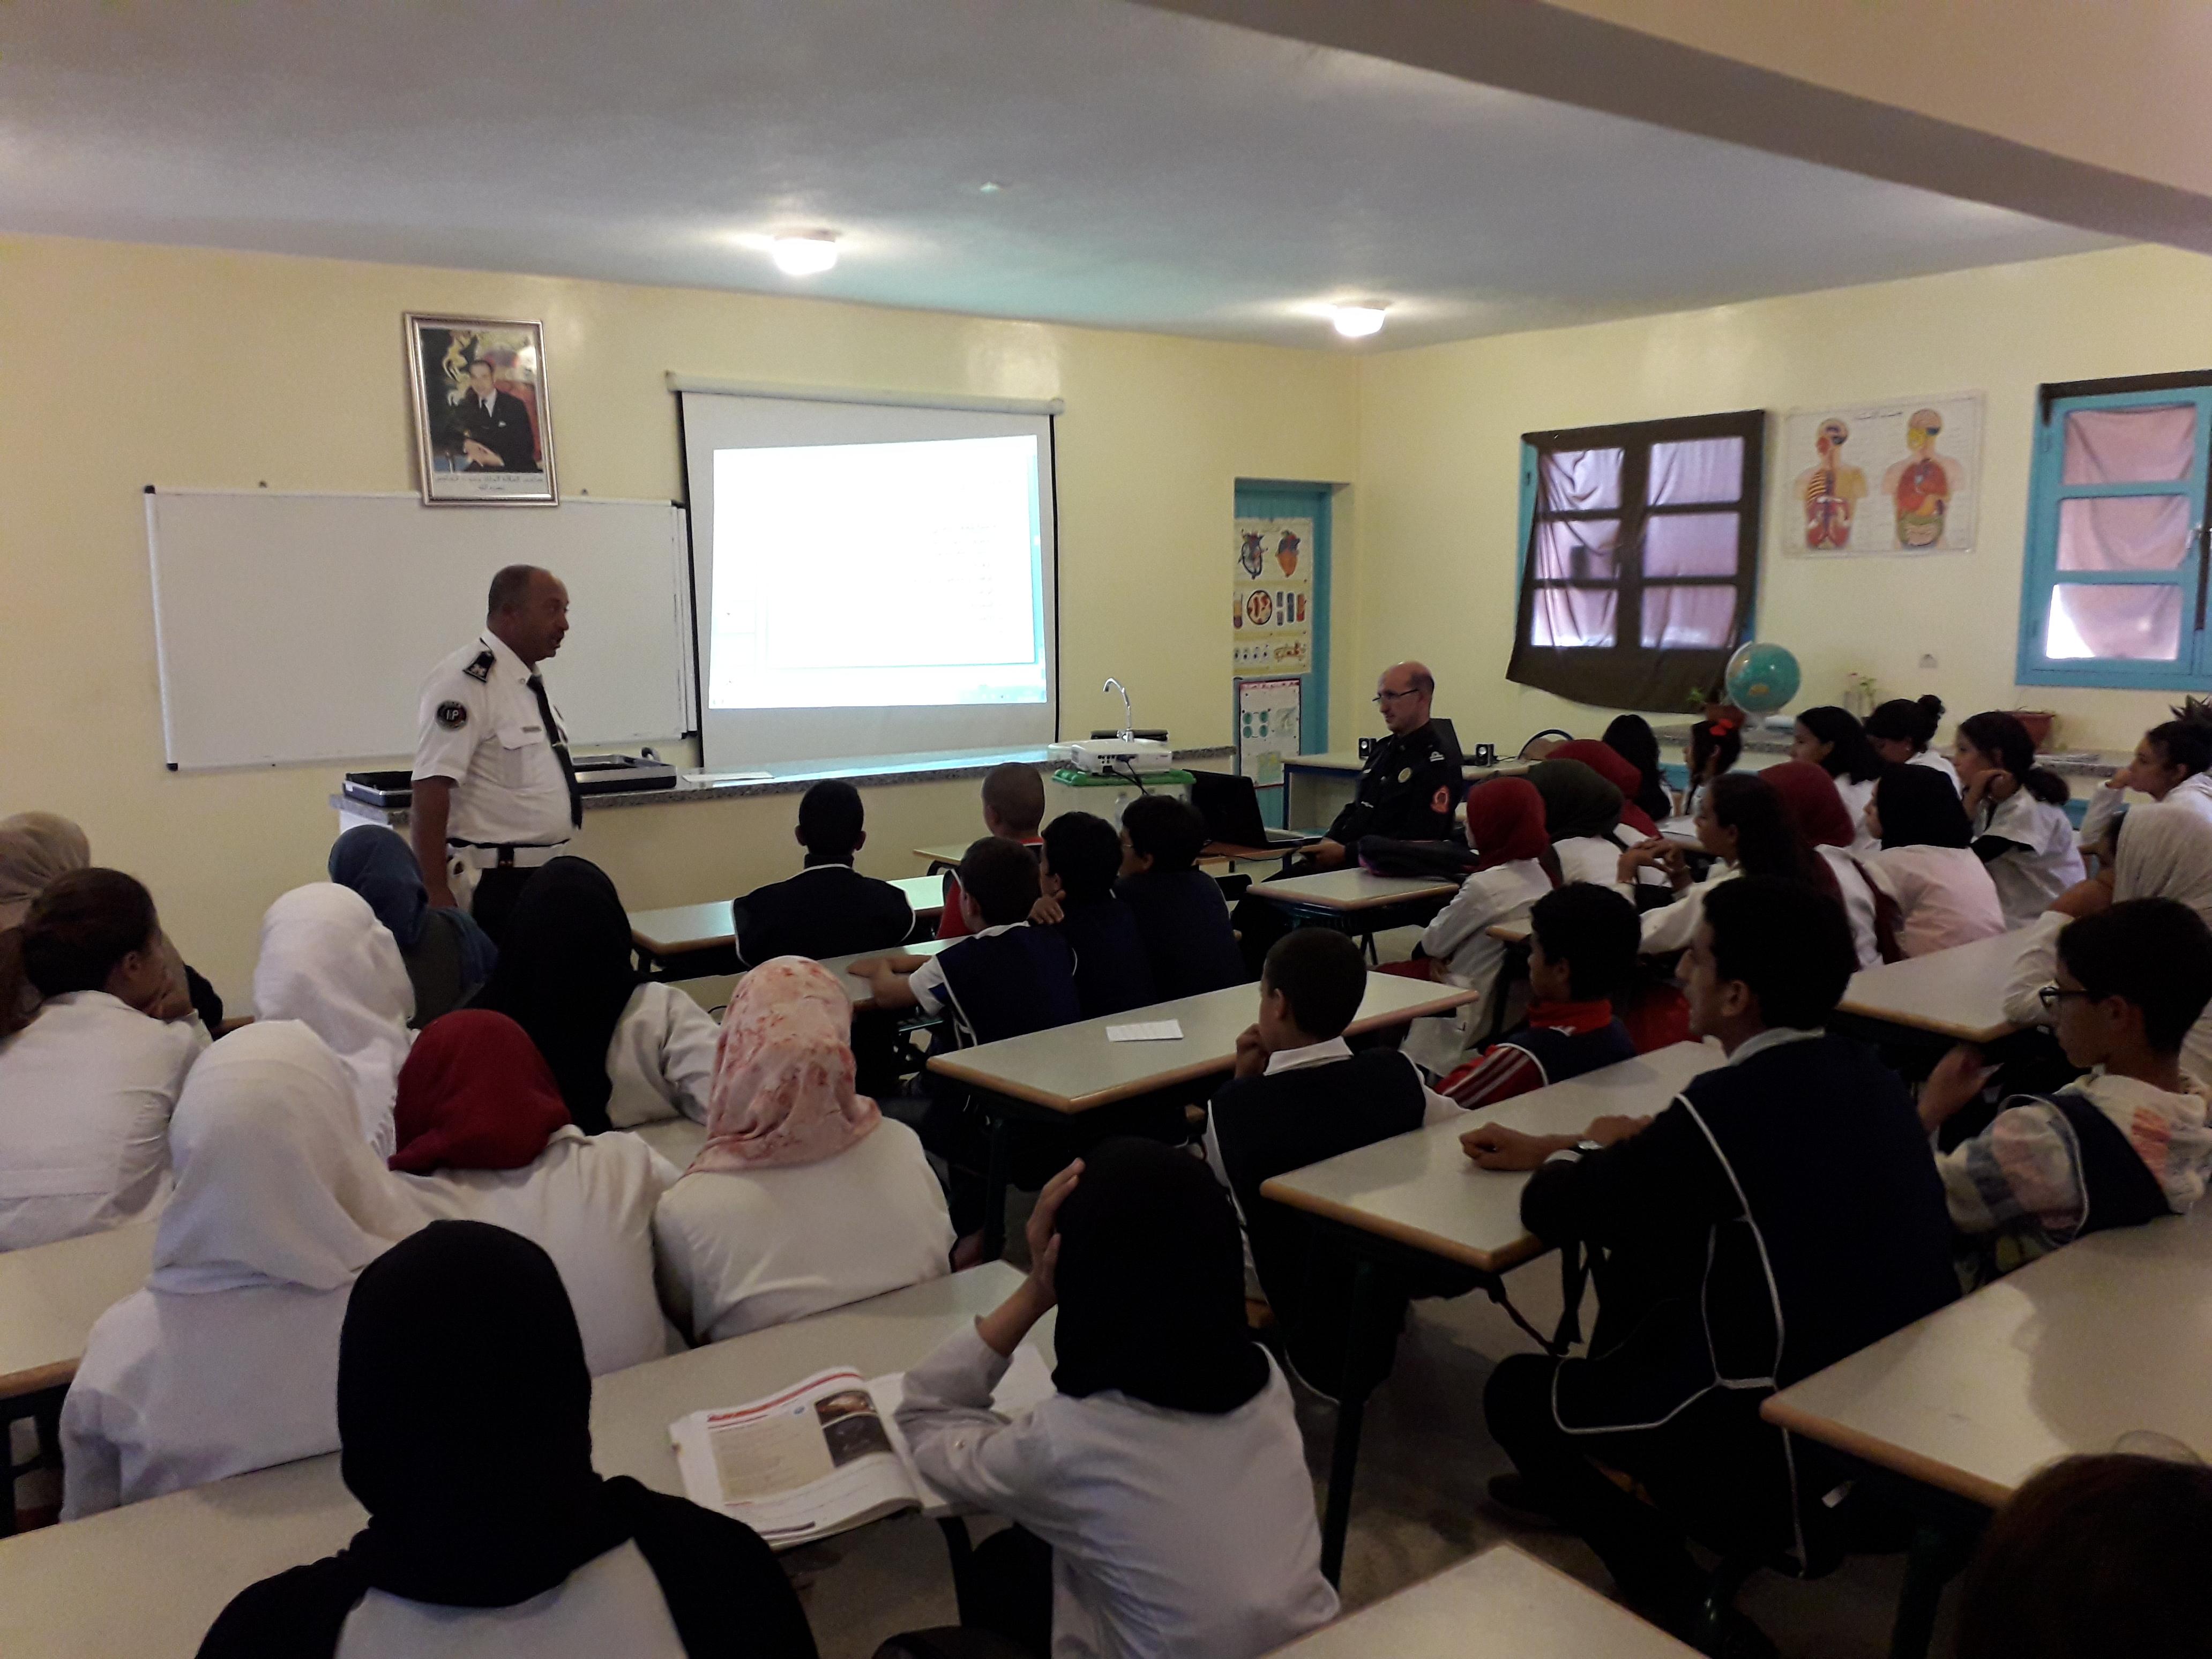 المدير الاقليمي بتيزنيت يشرف على اعطاء انطلاقة الحملات التحسيسية للامن الوطني بالوسط المدرسي